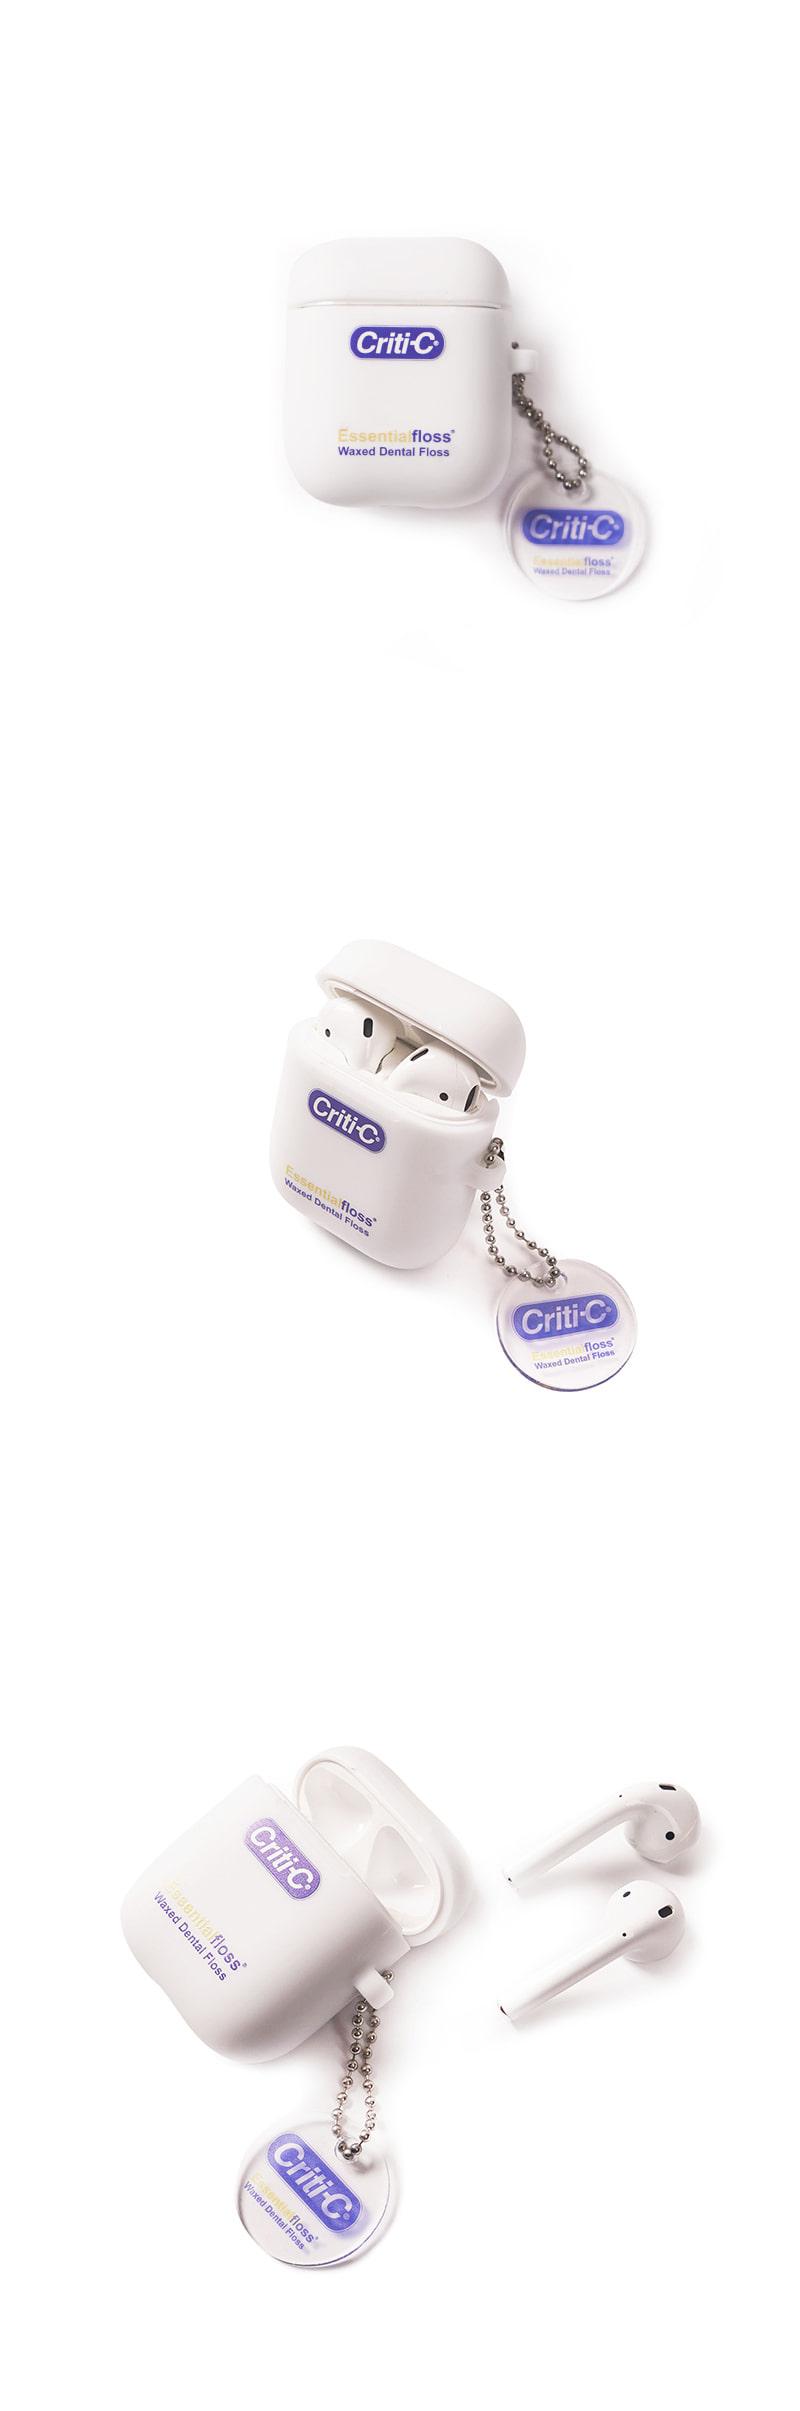 크리틱(CRITIC) CRITI-C AIRPODS CASE(WHITE)_CTONUAC01UC2